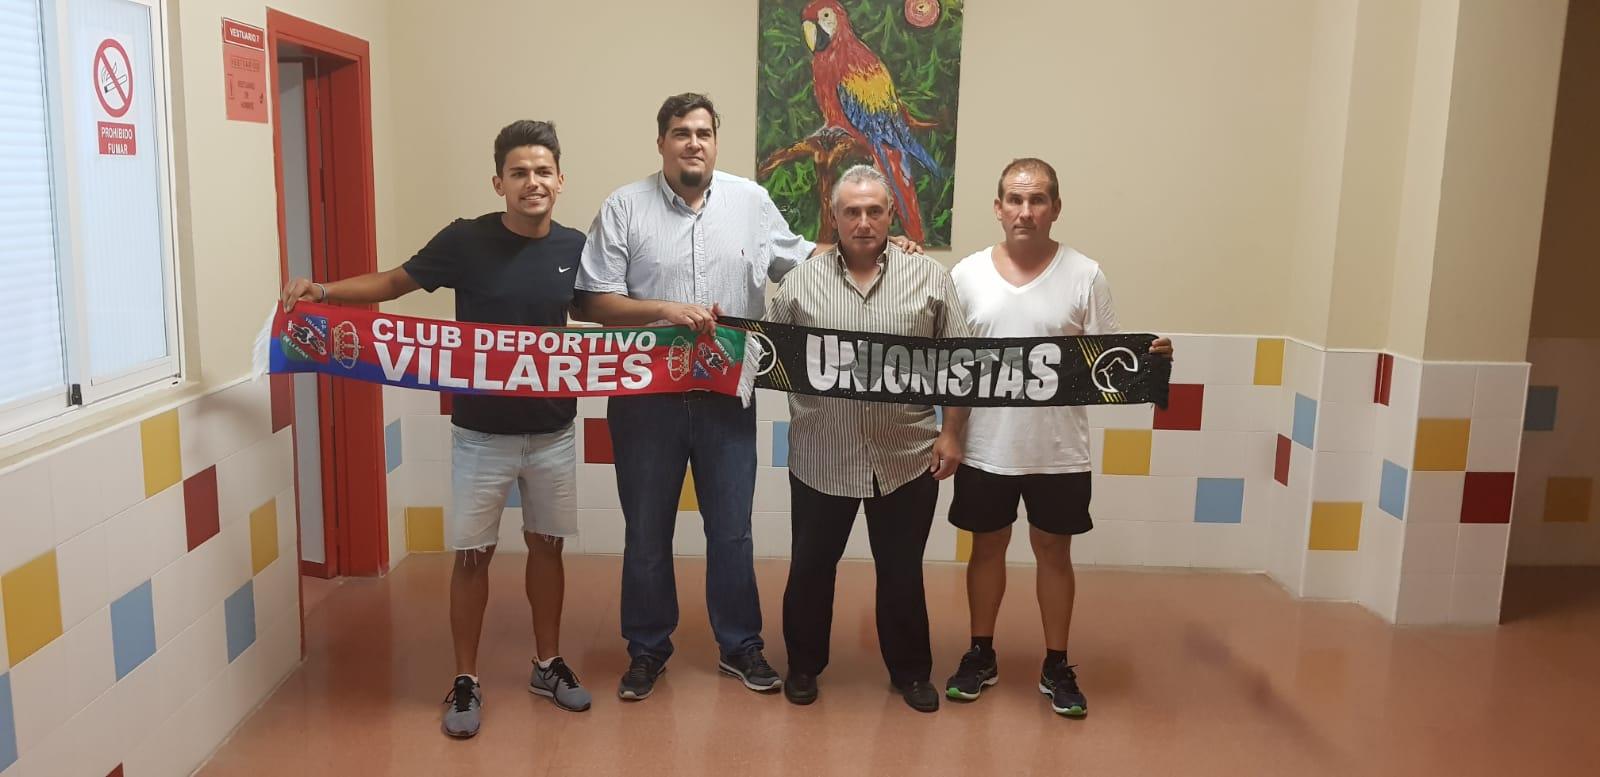 ACUERDO UNIONISTAS DE SALAMANCA CF Y CD VILLARES DE LA REINA